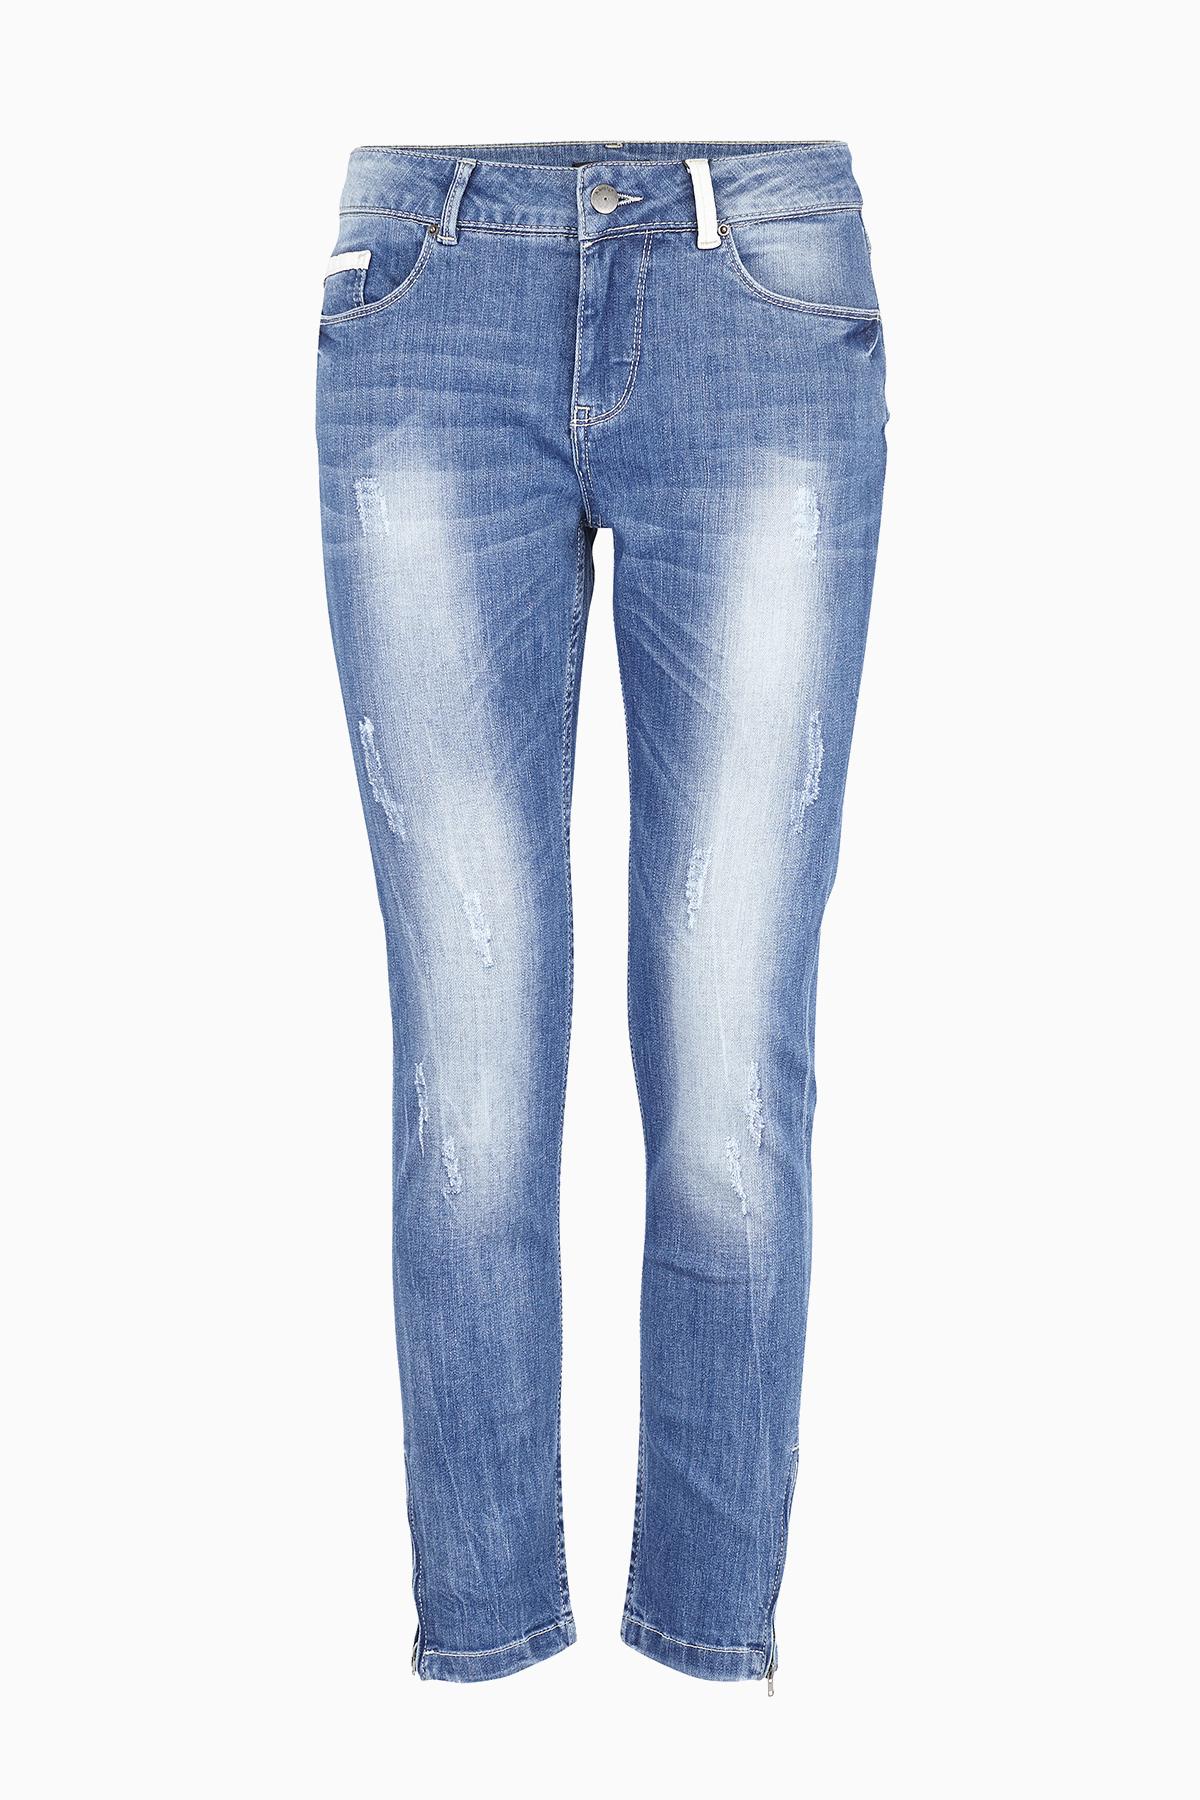 Indigoblå Jeans fra b.young – Køb Indigoblå Jeans fra str. 25-36 her